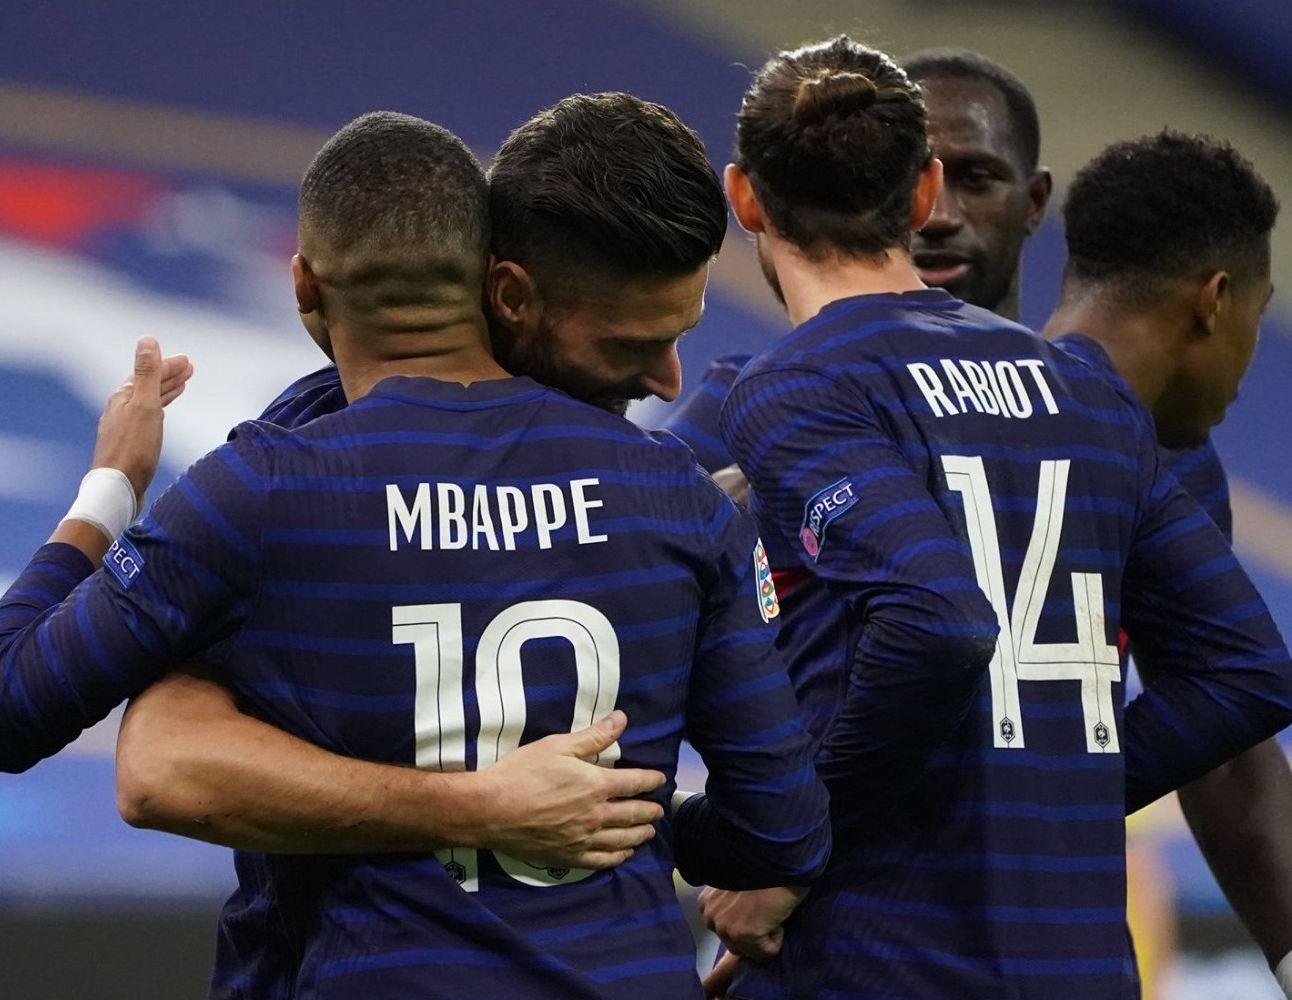 Les joueurs de l'Equipe de France célébrant un but lors du match contre la Suède, le mardi 17 novembre 2020.